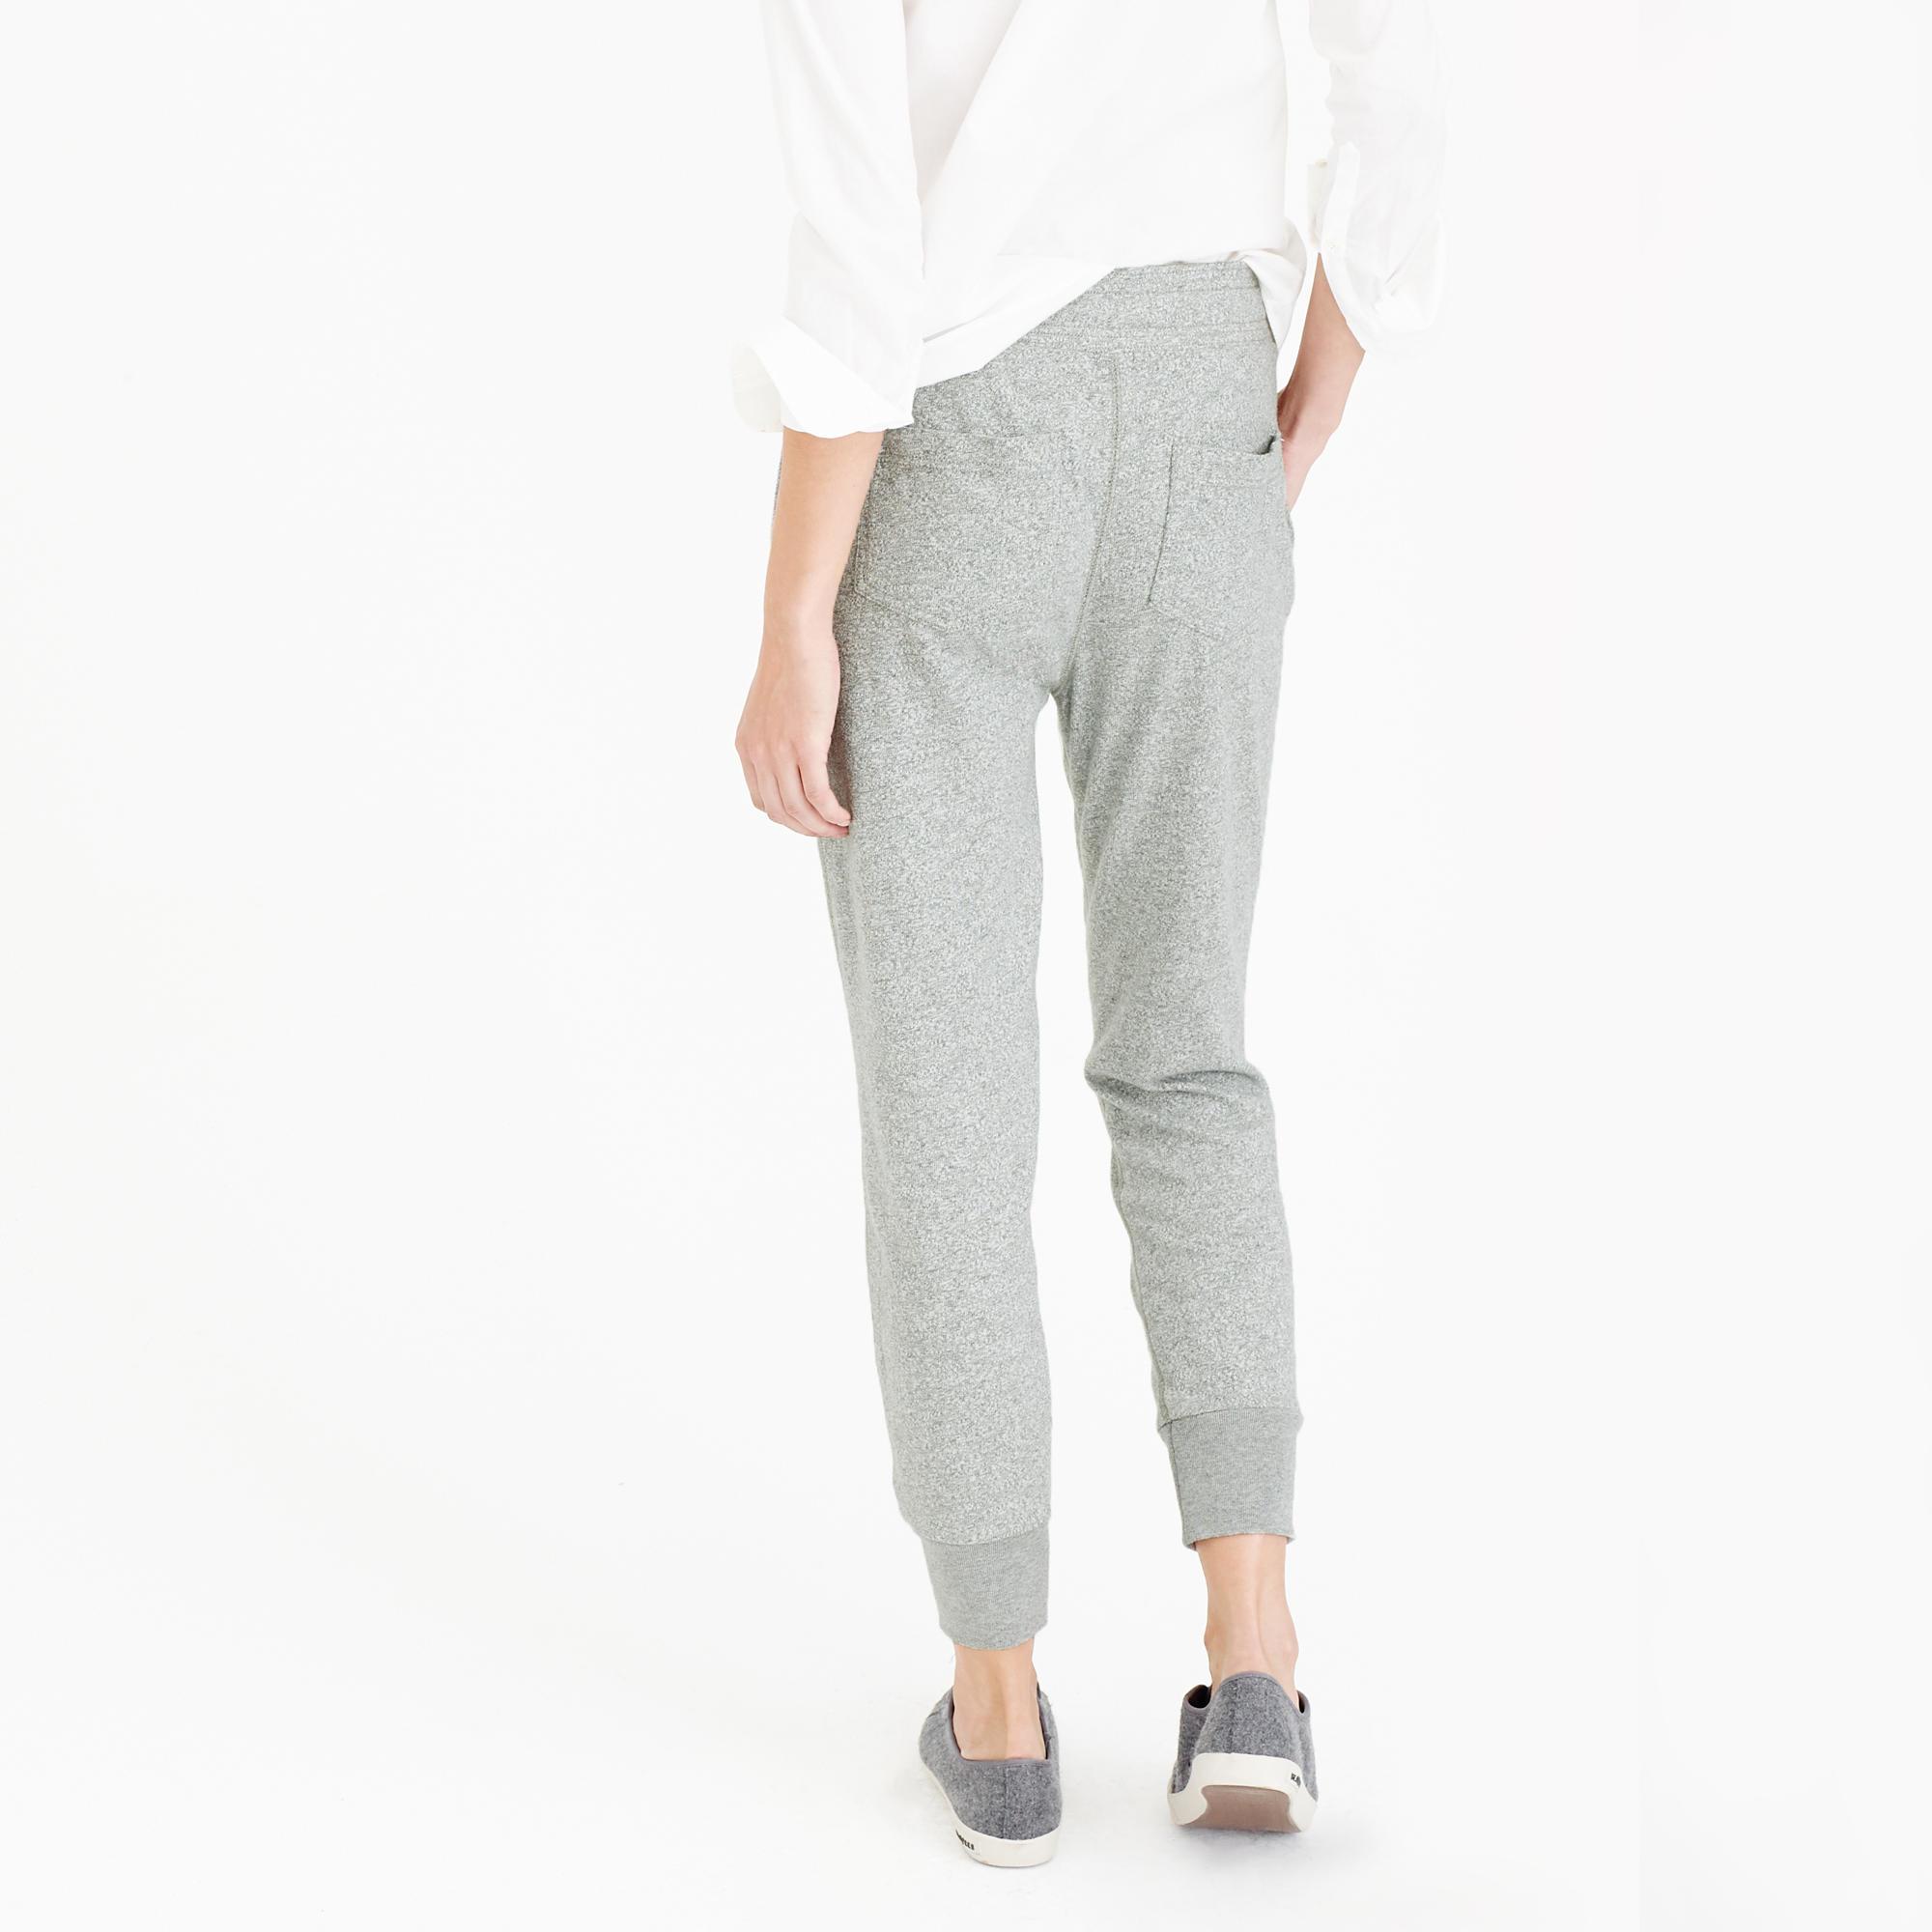 Skinny trouser sweatpant - J.Crew